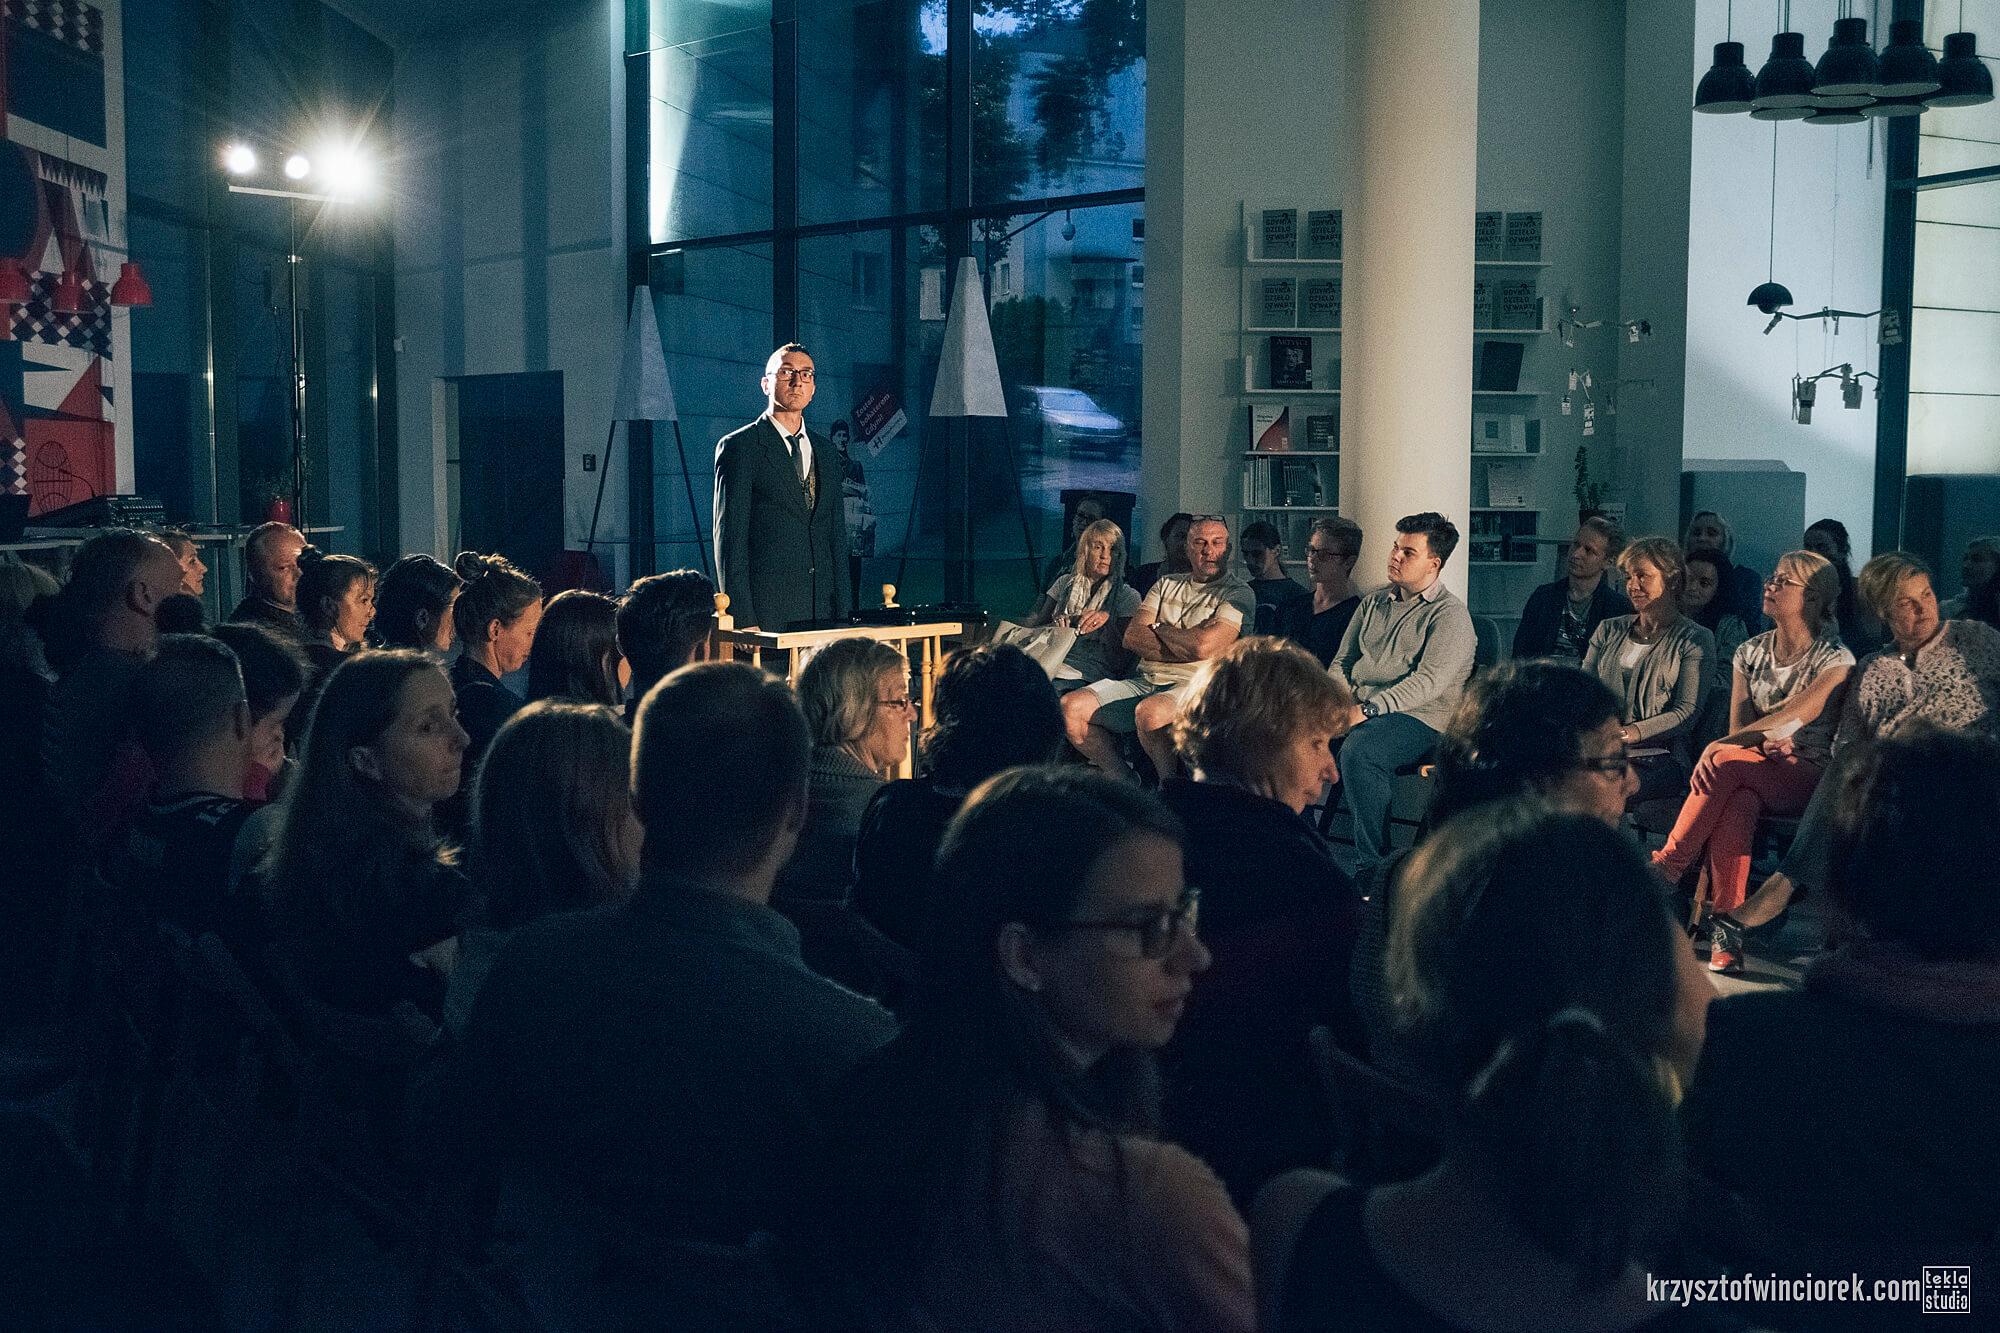 Zdjęcie z festiwalu Pociąg do miasta. Aktor ubrany w ciemny garnitur stoi na środku przy drewnianej barierce. Po dwóch stronach zgromadzona publiczność.